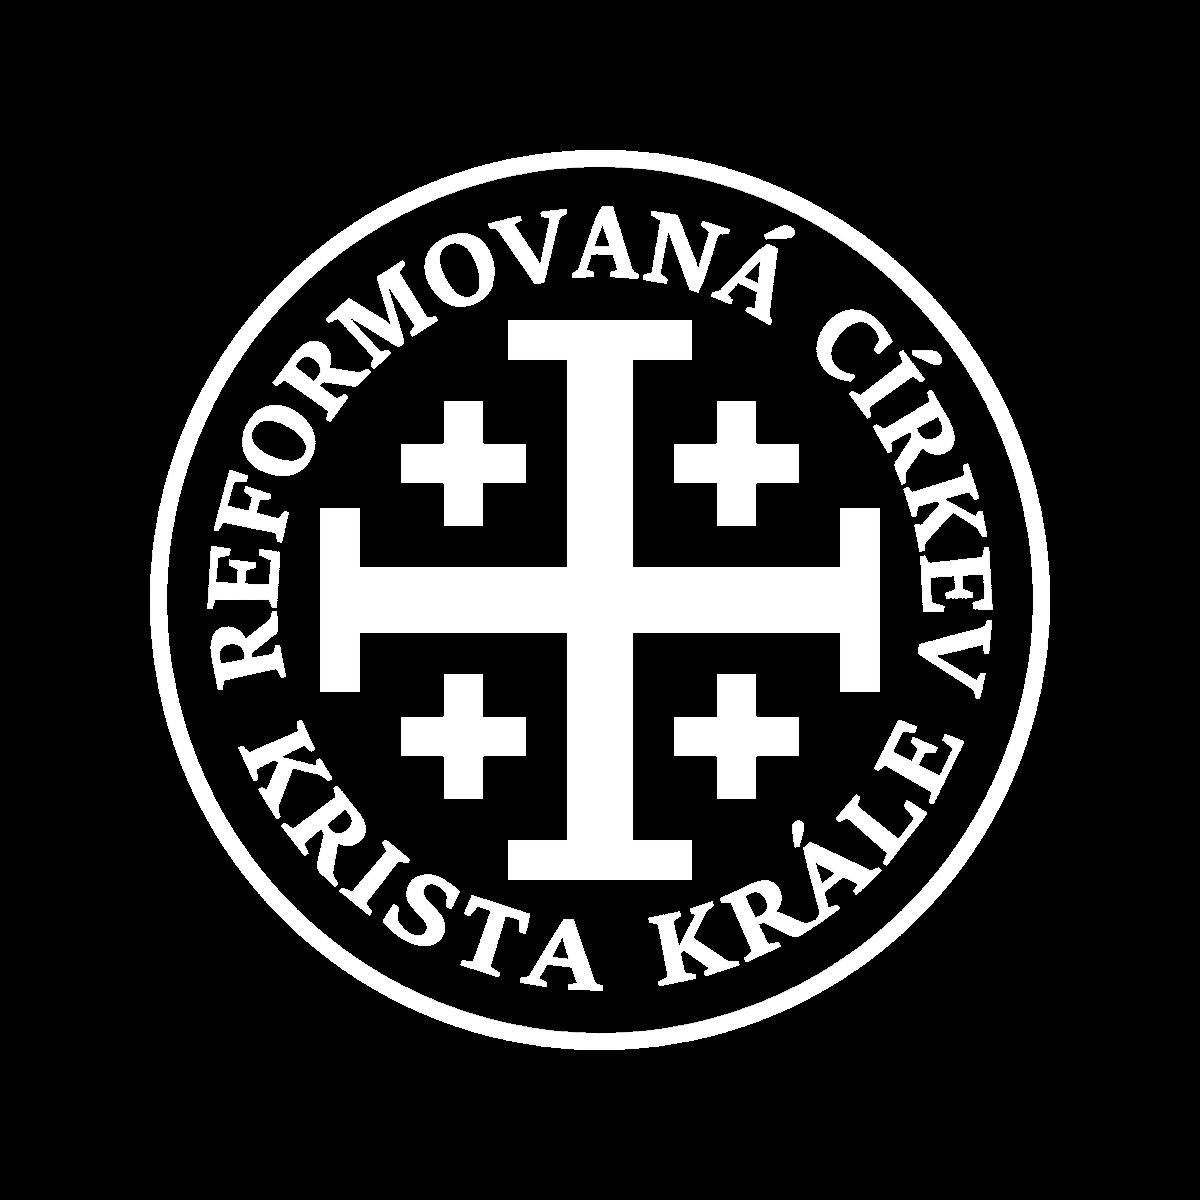 Reformovaná církev Krista Krále